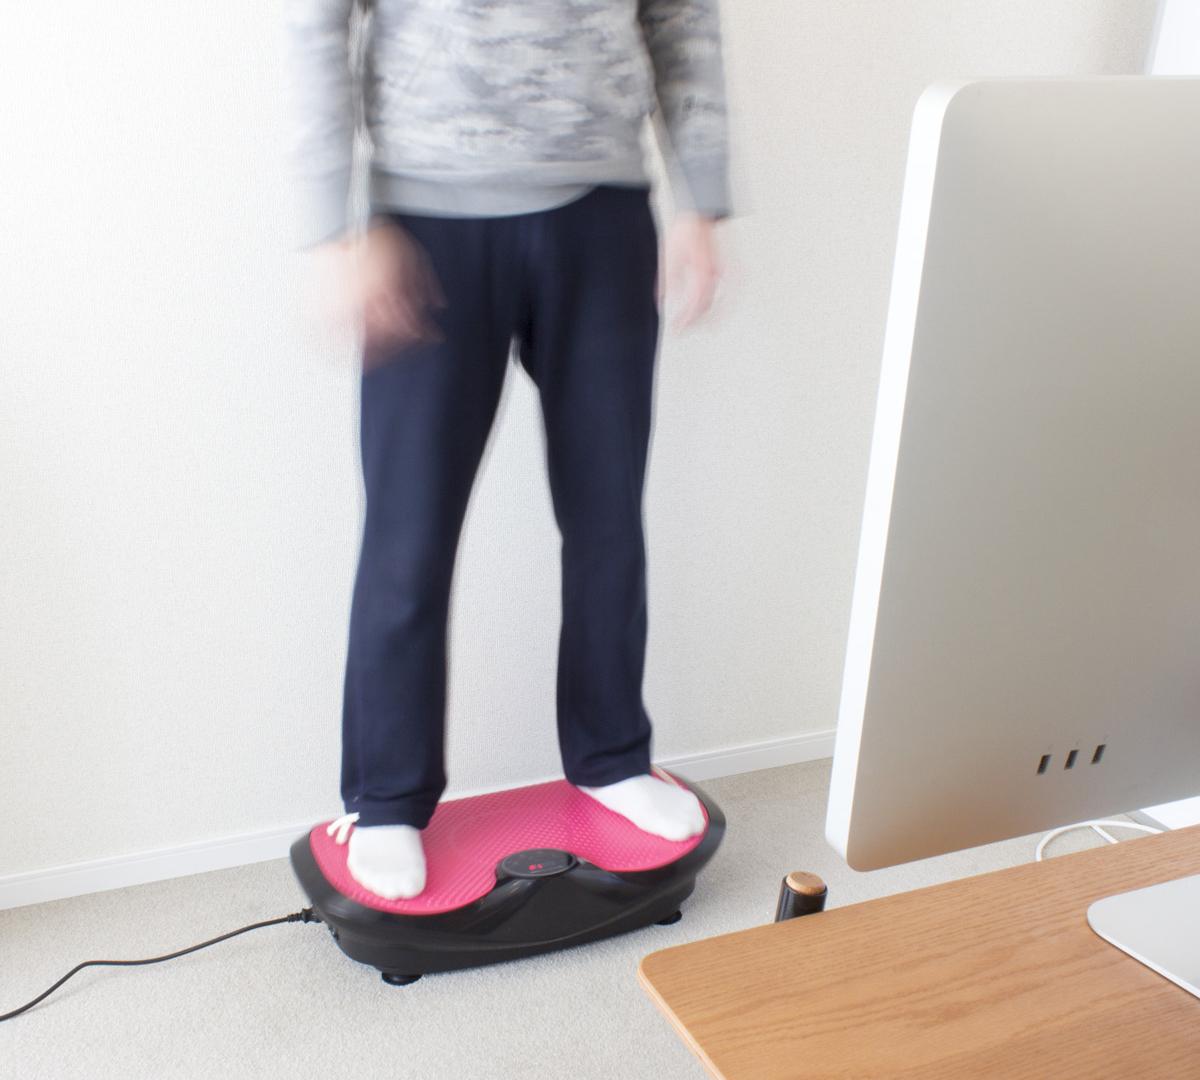 若々しい体づくりに欠かせない、毎分840回の振動ボード|DOCTOR AIR 3Dスーパーブレードスマート